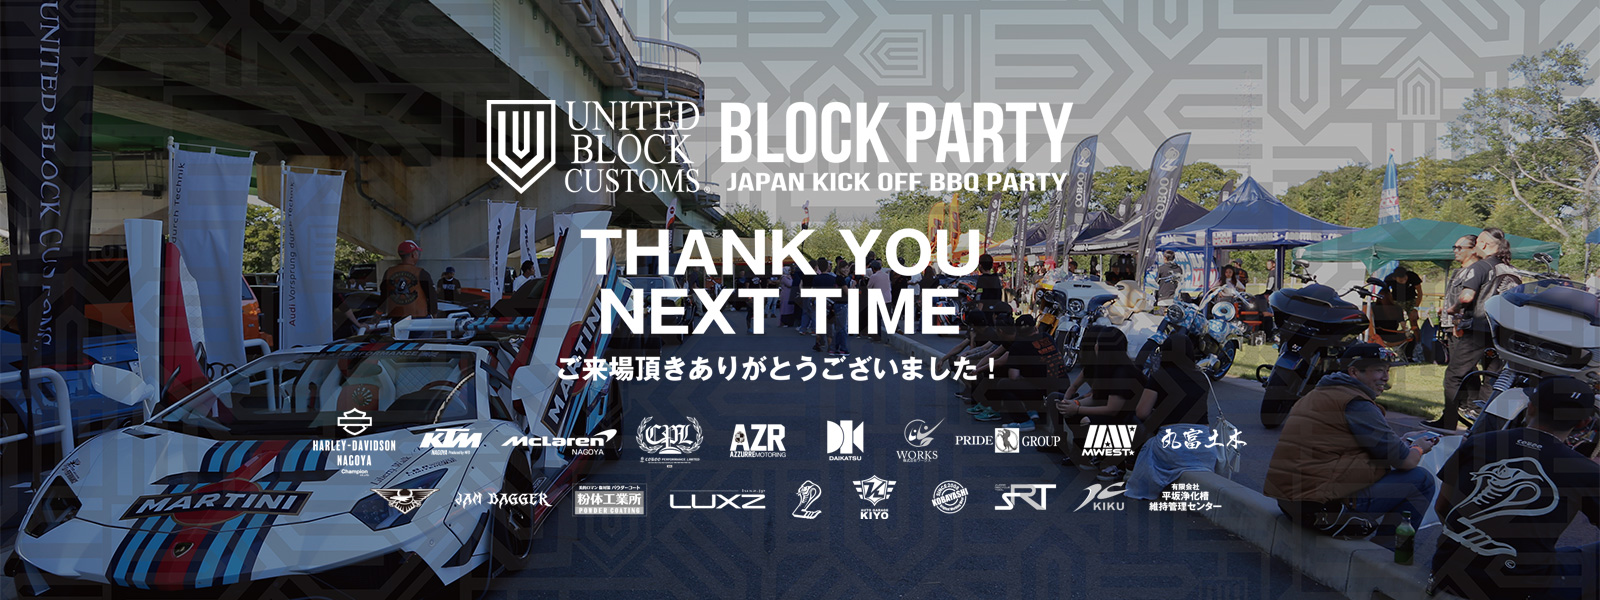 UBC BLOCK PARTY